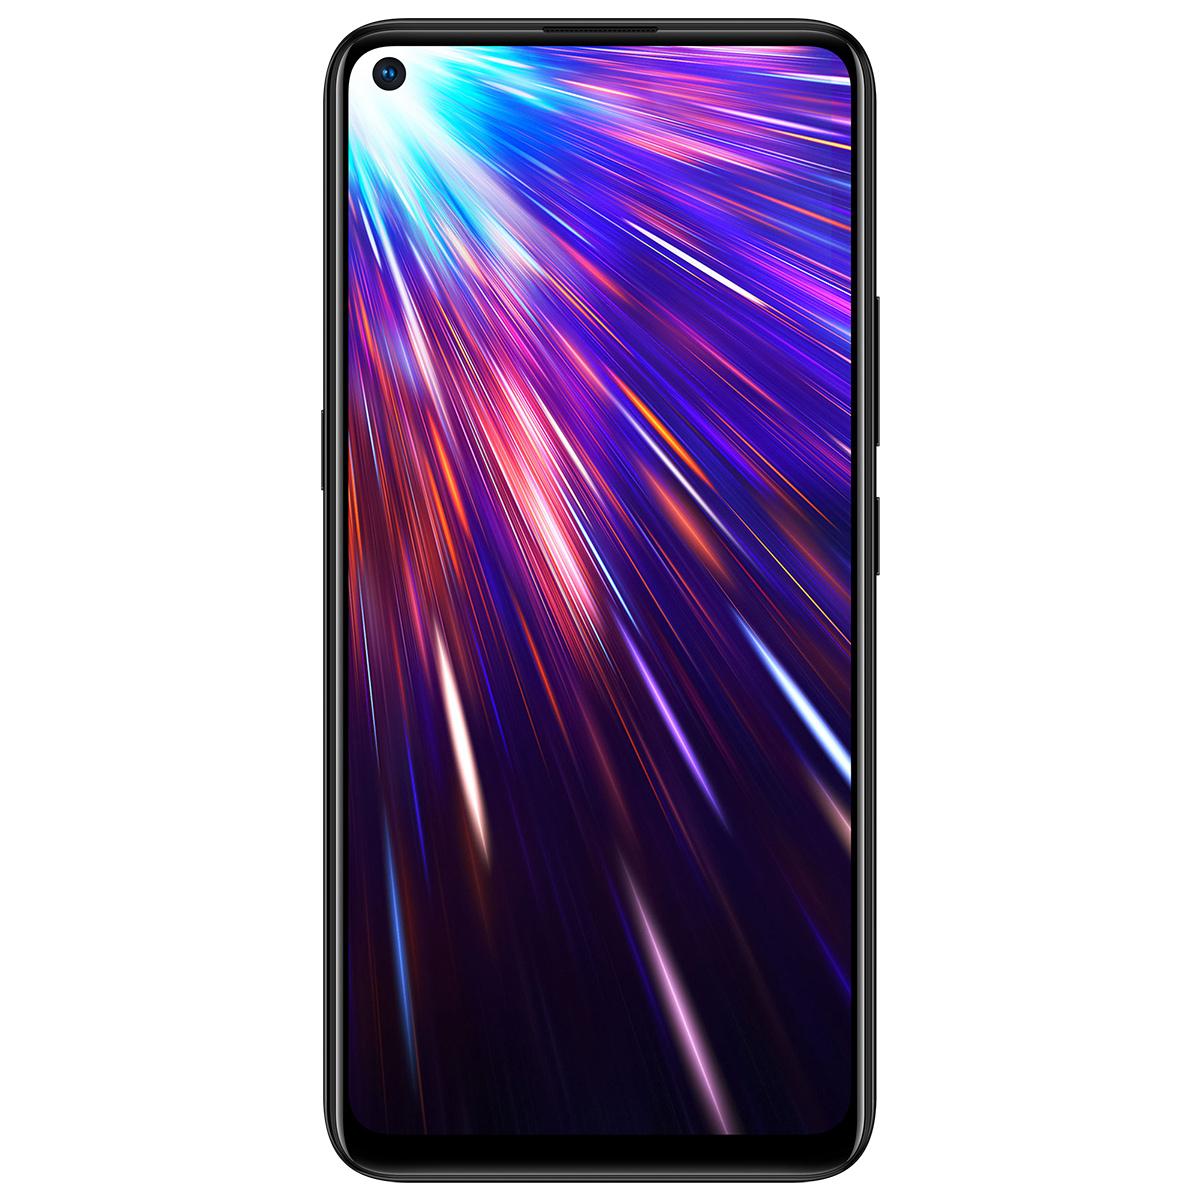 Buy Vivo Latest Mobile Phones Online at Best Price, vivo Z1Pro